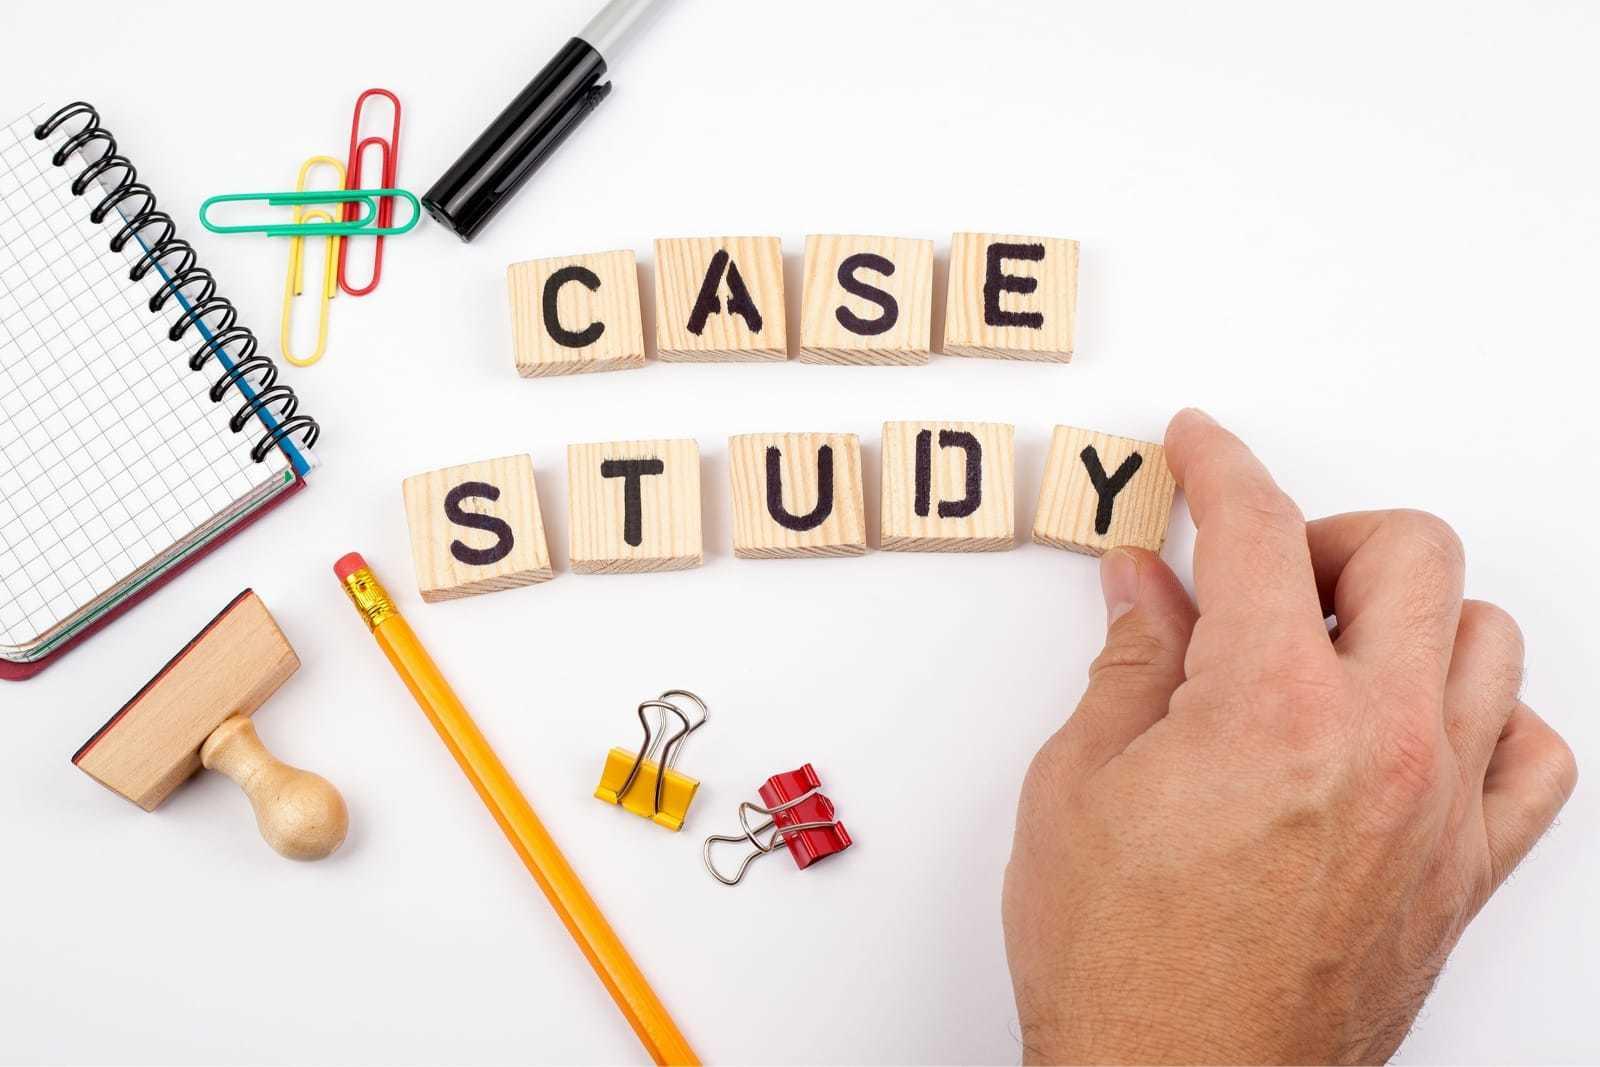 「case study」と書かれたブロックを動かす手